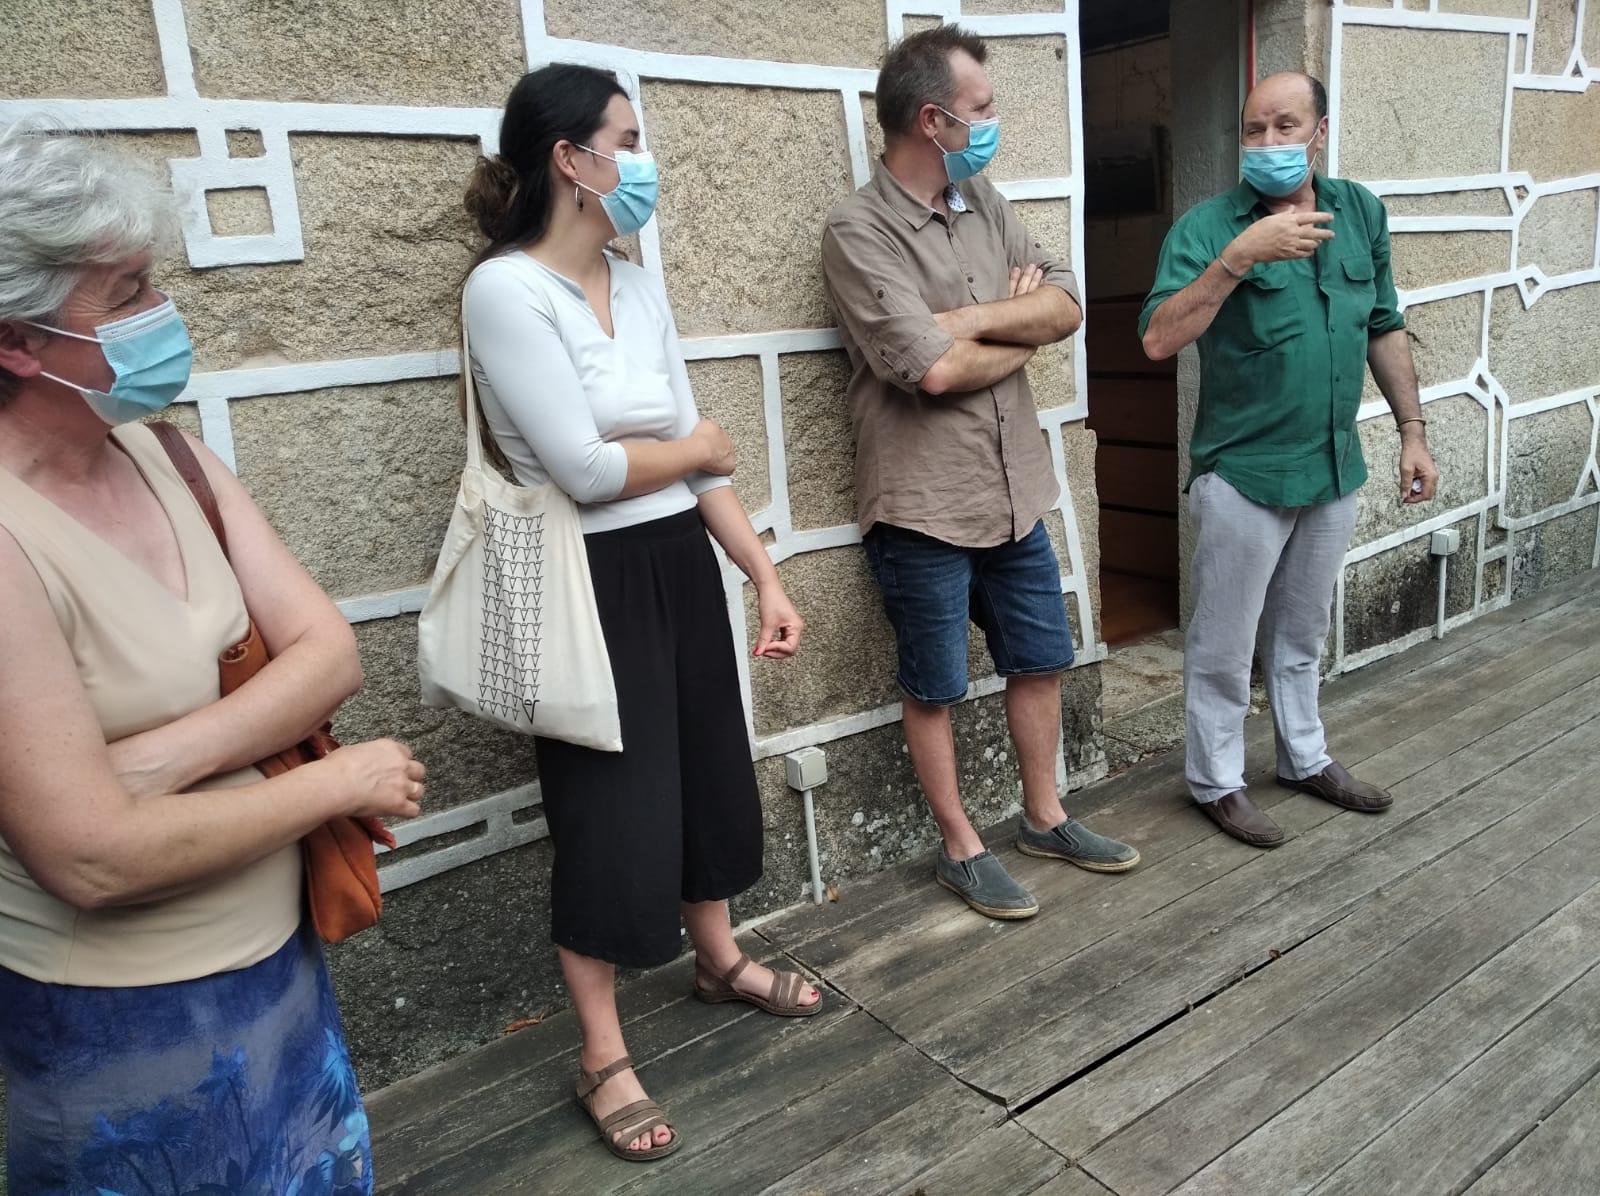 Inauguración Camiños que se pechan, castelo de Pambre, IEU